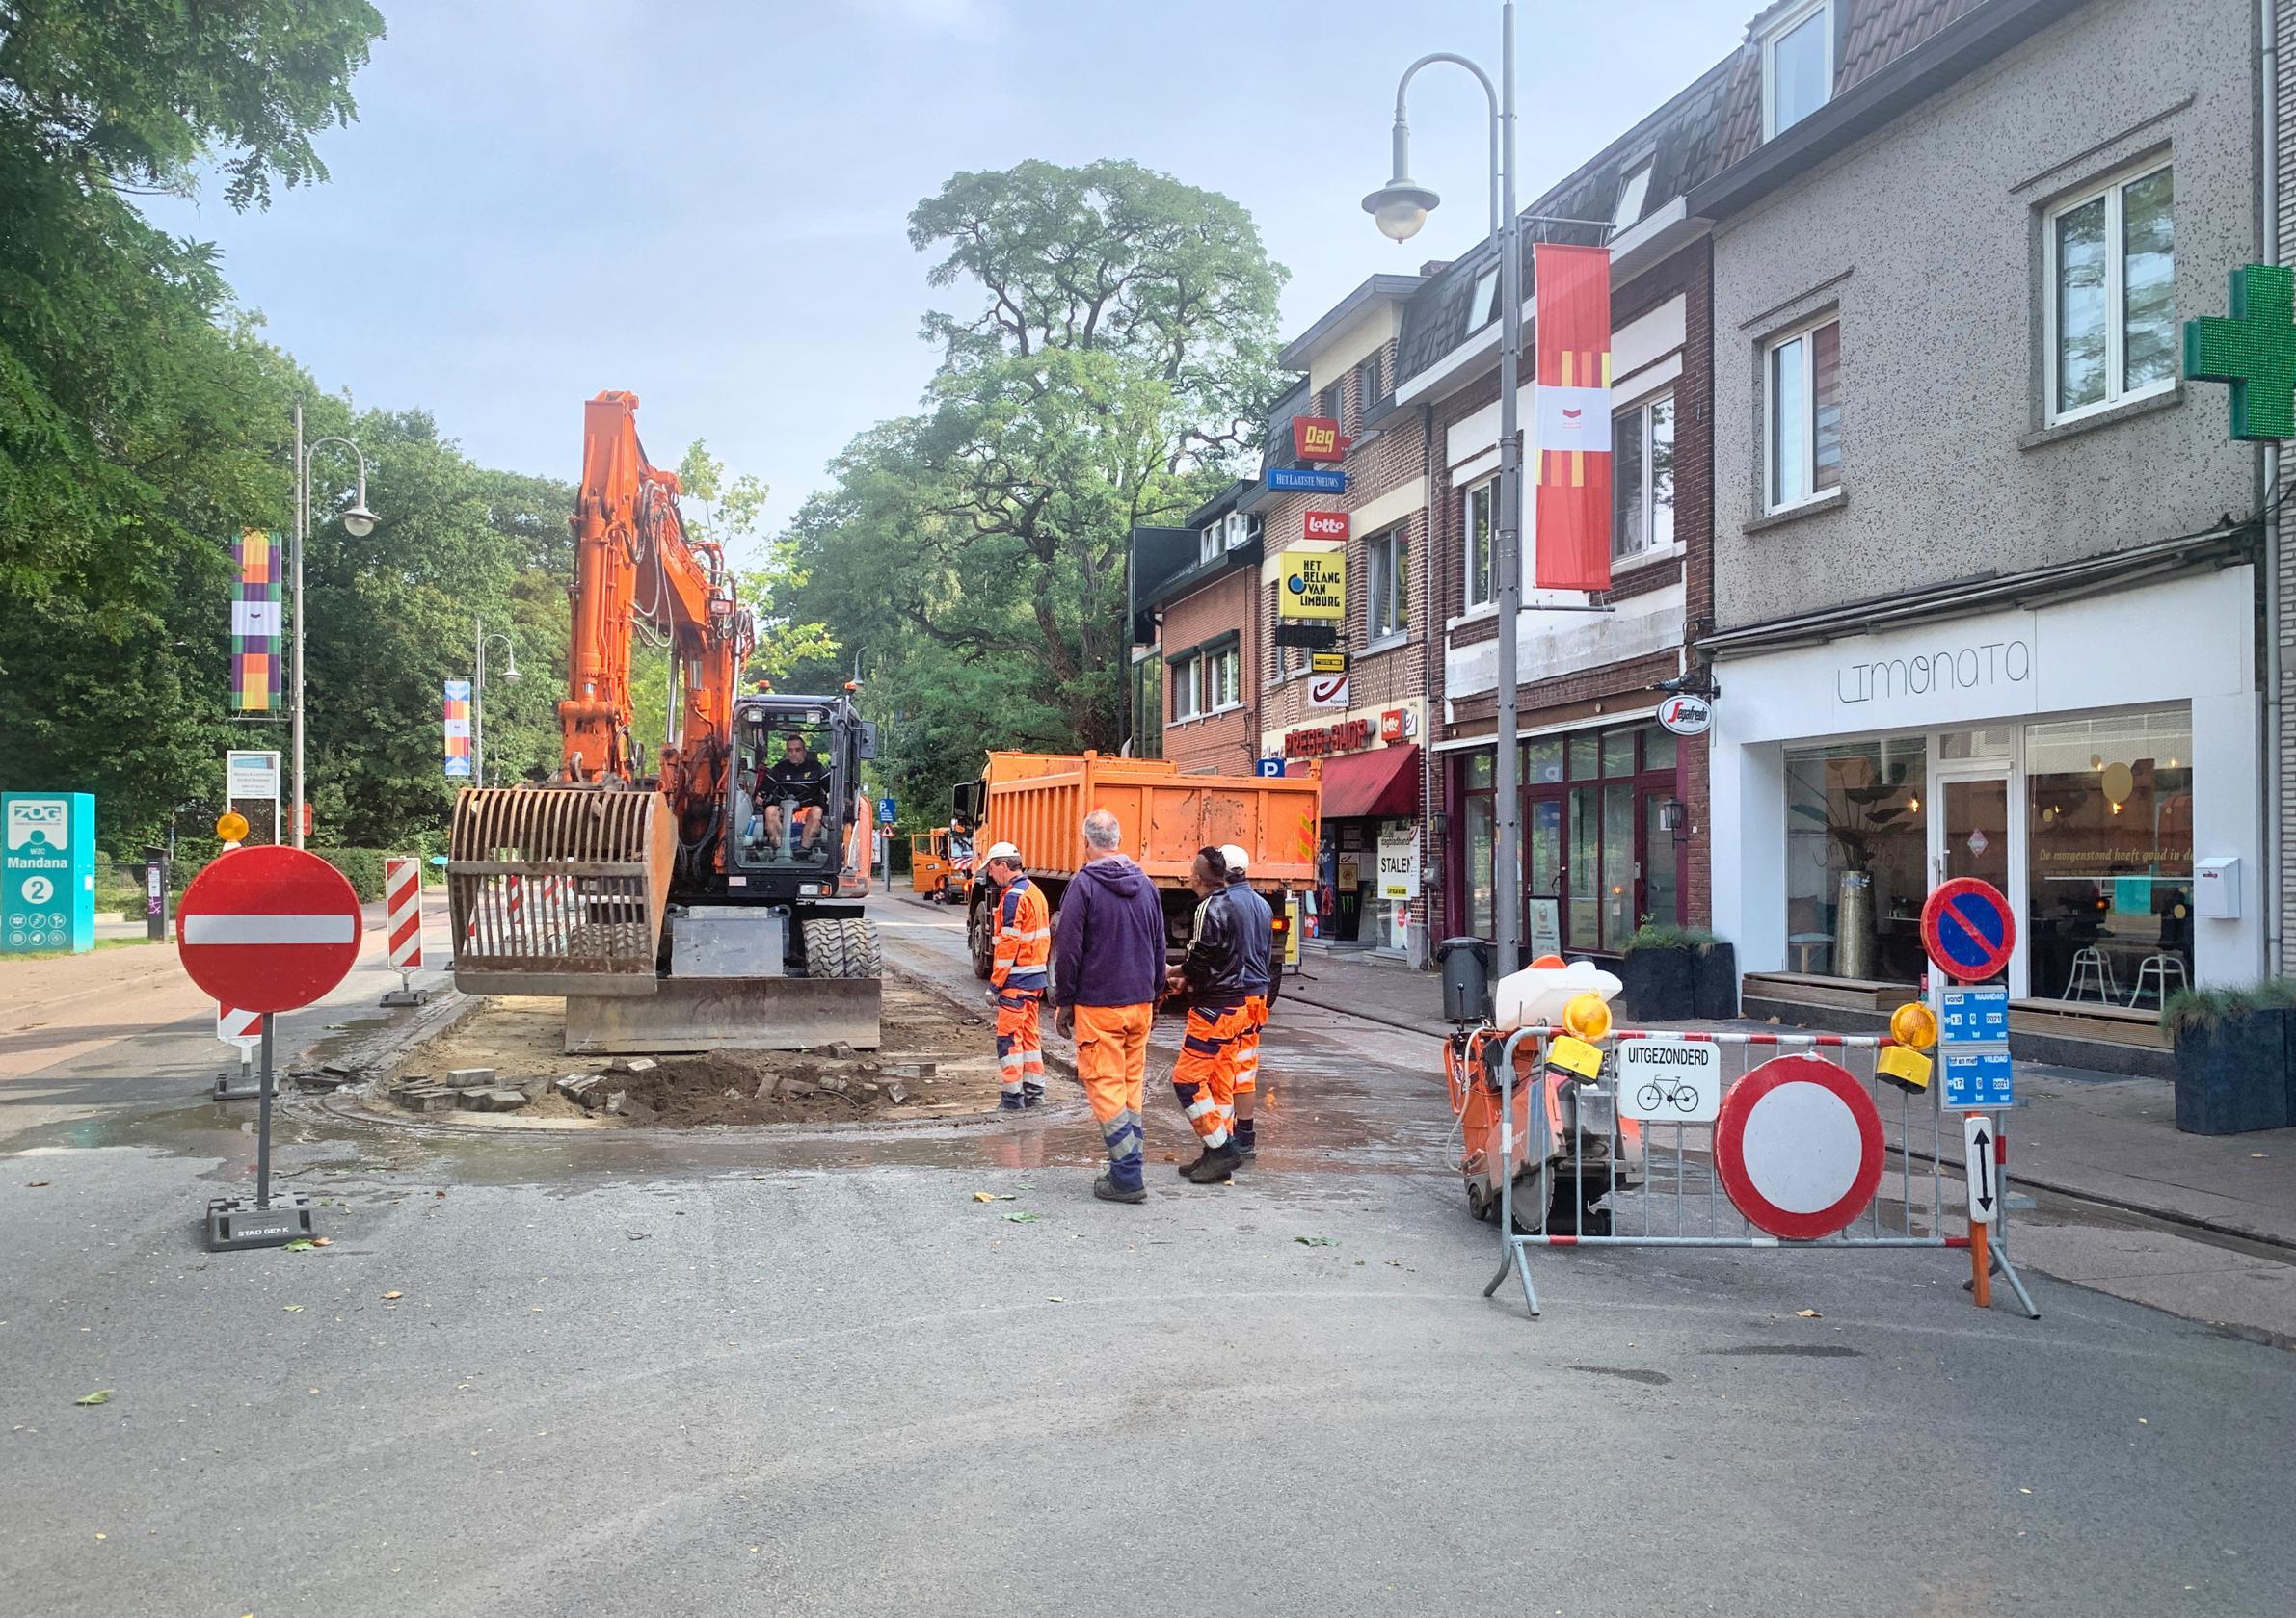 Terrassen pal in midden van Stalenstraat in Genk